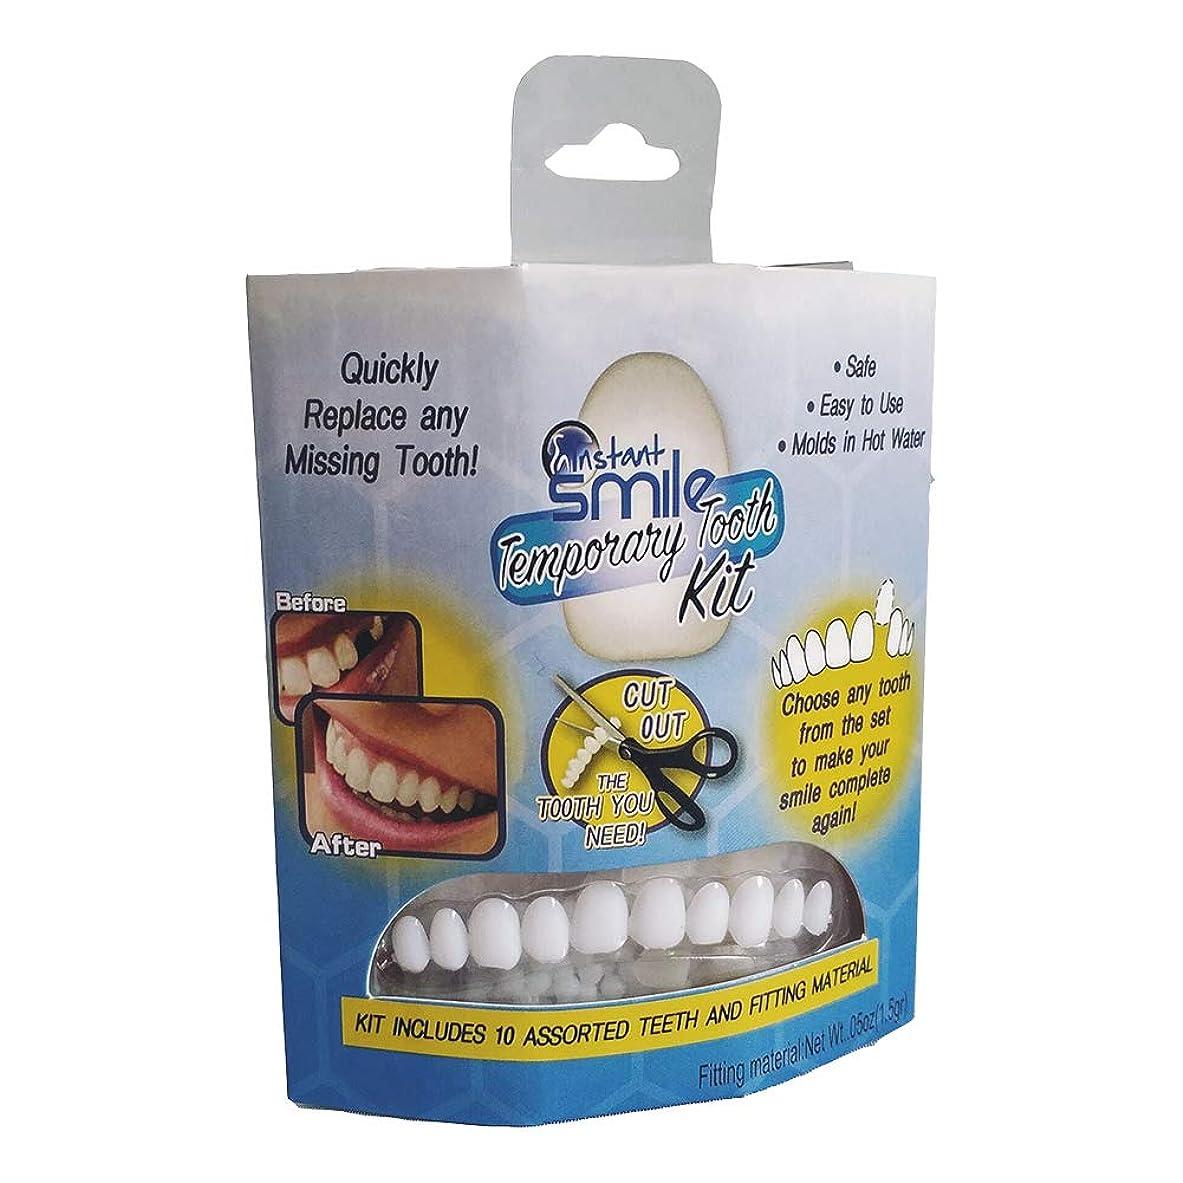 咲く迫害ポテトLITI 歯のソケット 美容義歯 入れ歯 歯のカバー テンポラリートゥースキット シリコーンのシミュレーションの歯科用義歯を白くする上下の歯の模擬装具 歯ホワイトニング 義歯貼り付け偽歯アッパー化粧品突き板